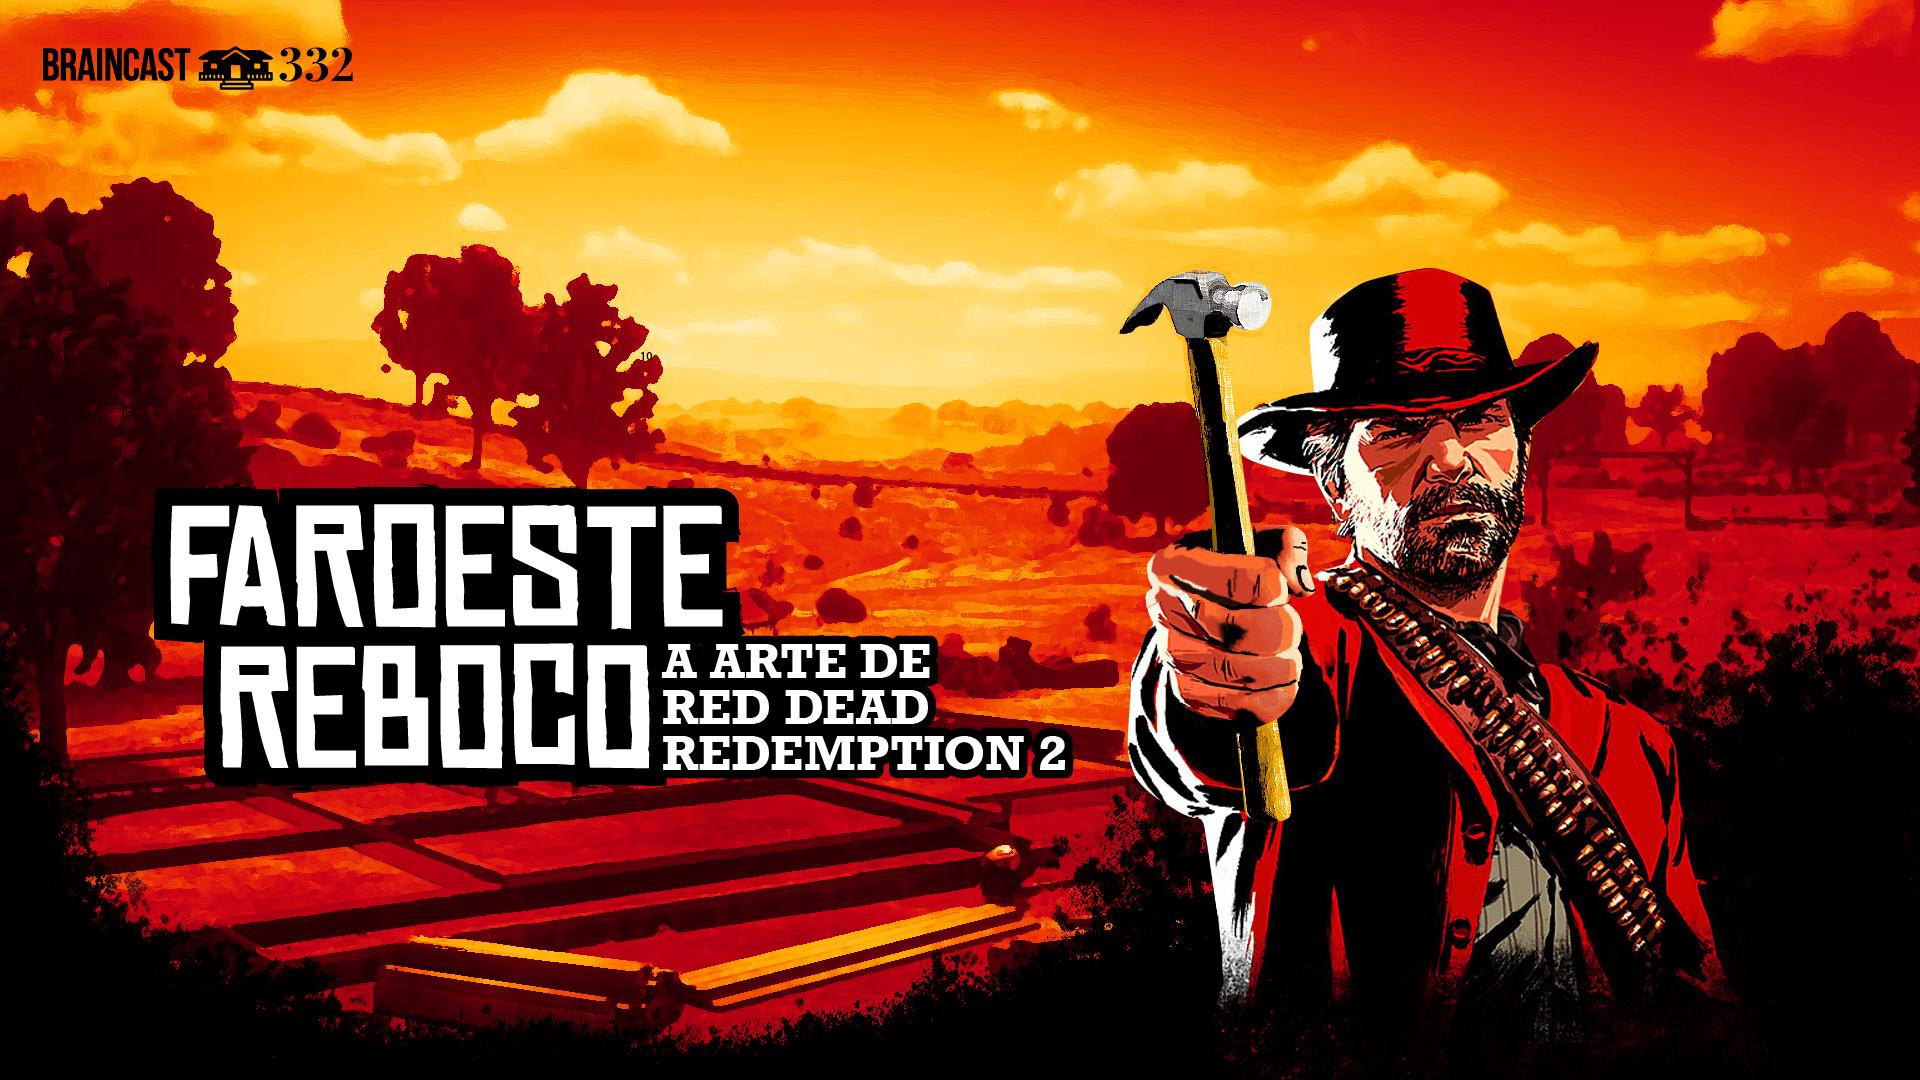 """Braincast 332 – Faroeste Reboco: a arte de """"Red Dead Redemption 2"""""""